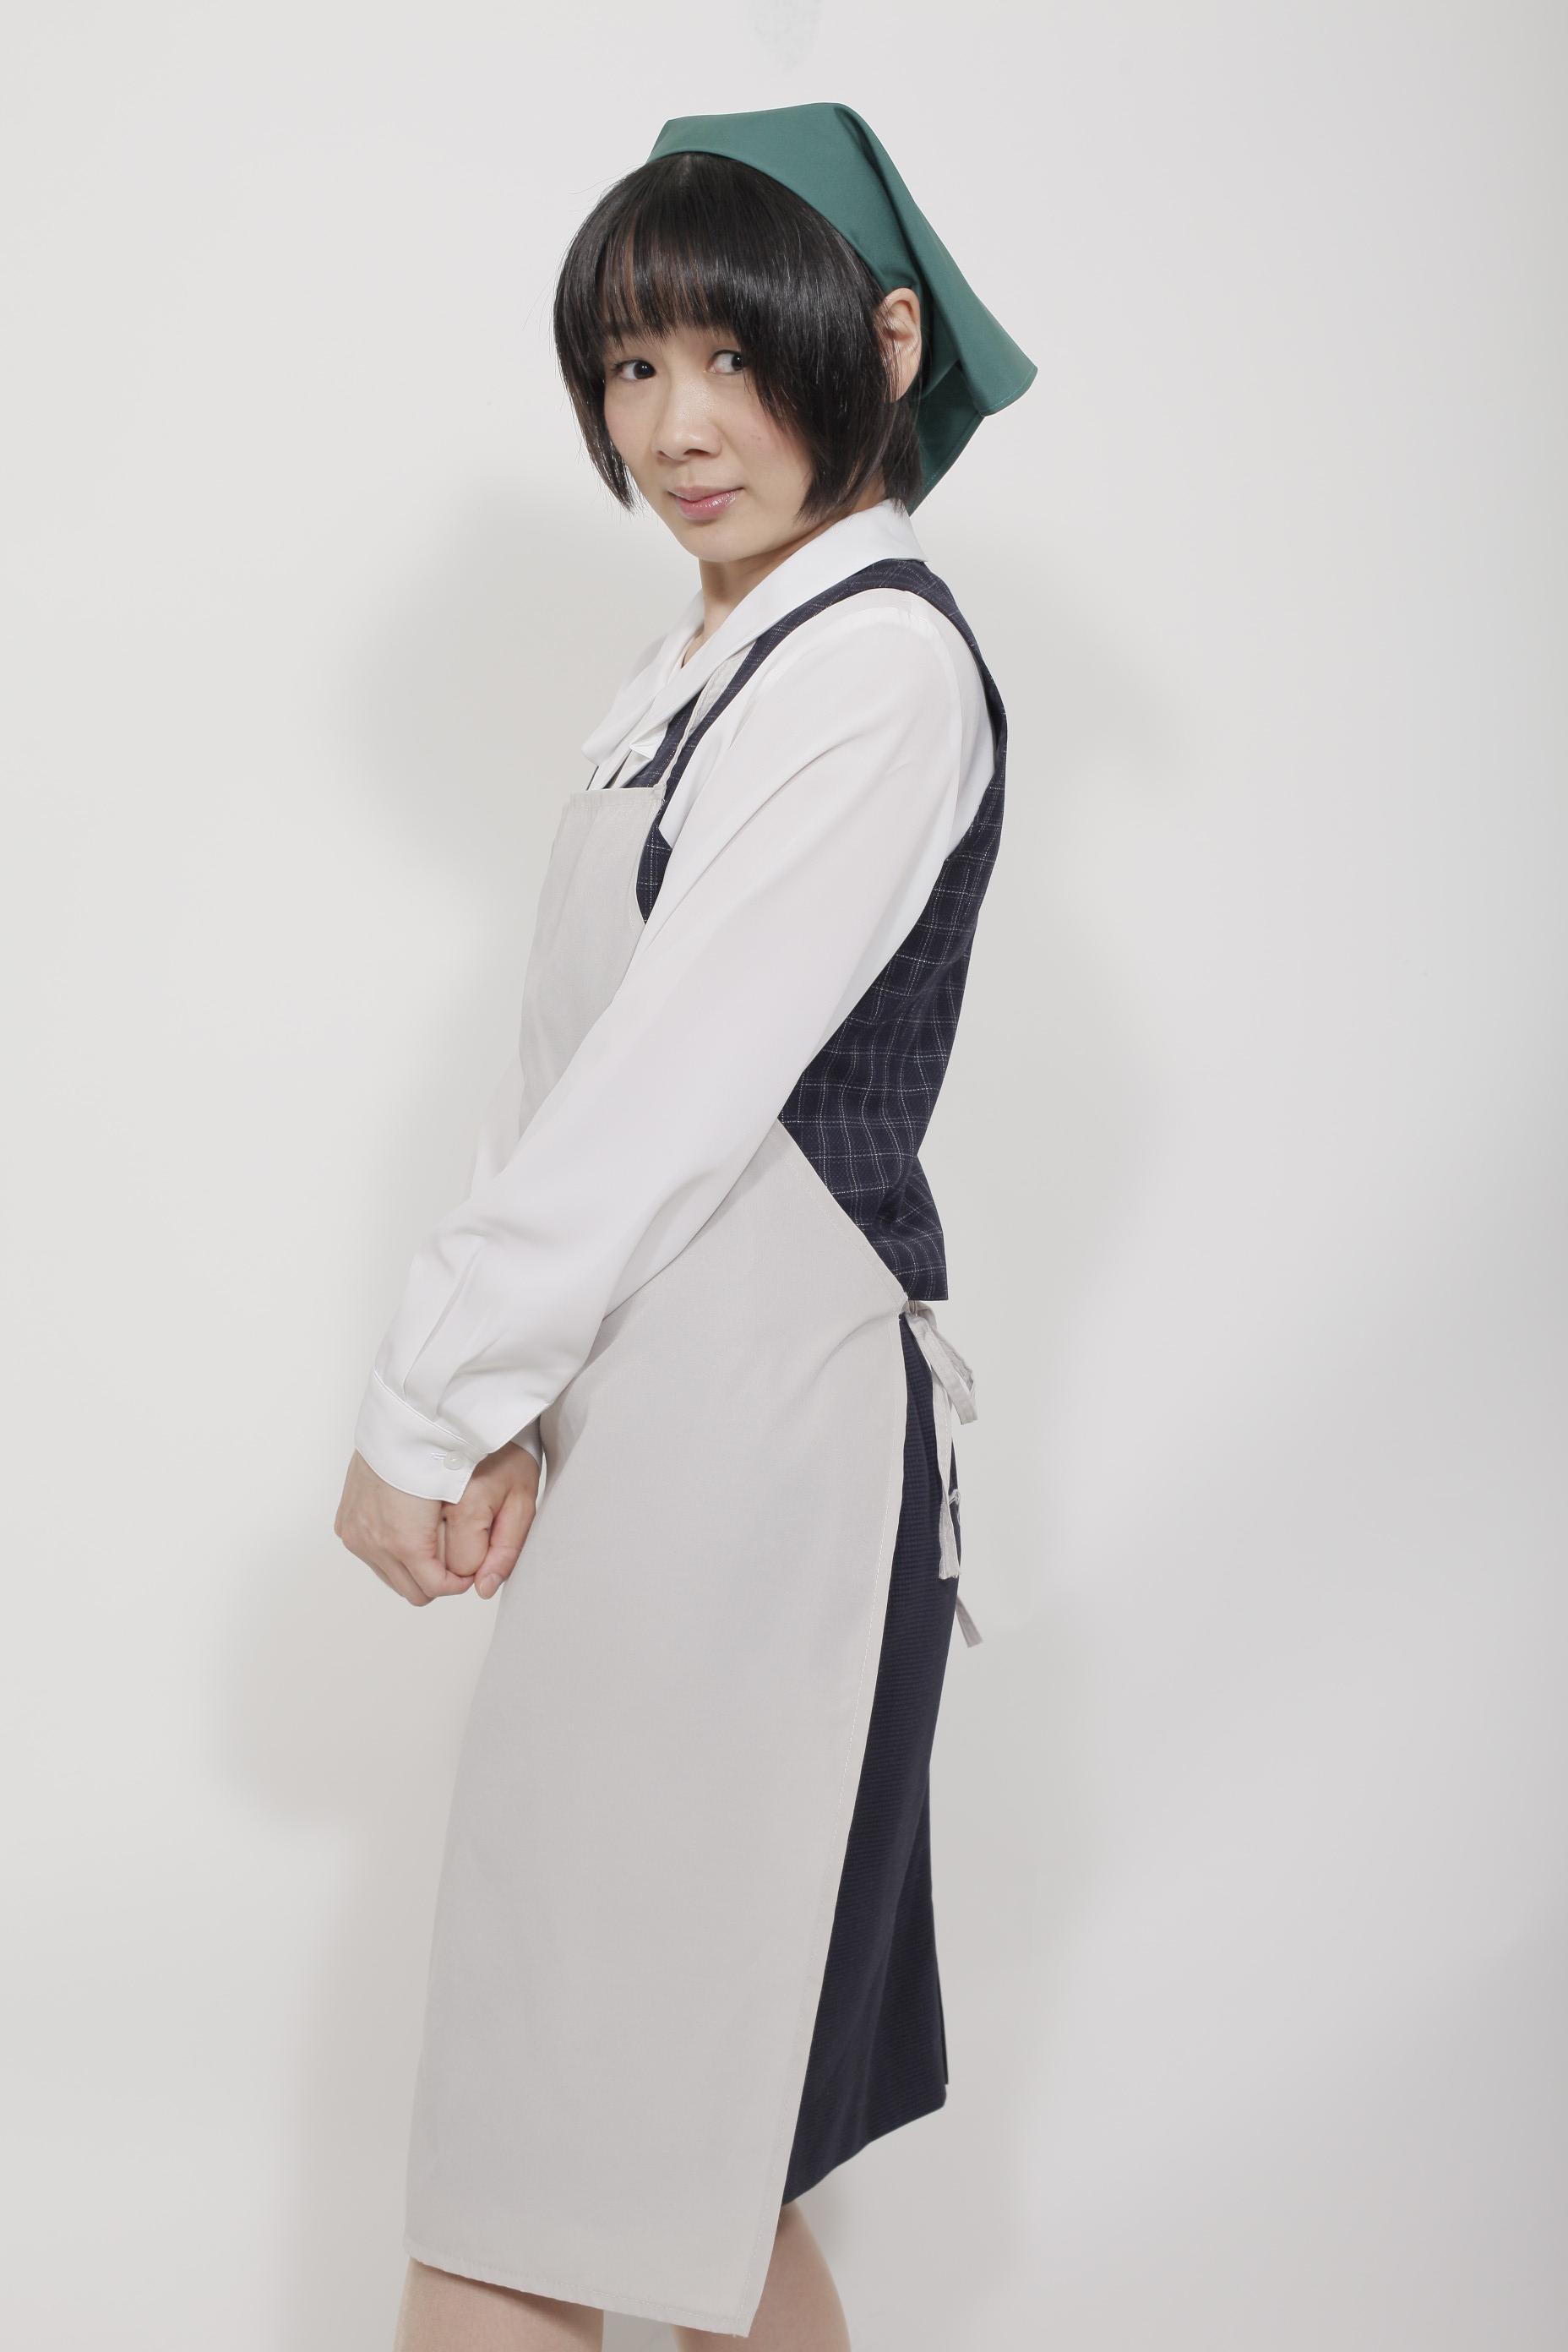 柿弘美さんからのコメント_d0166589_22485777.jpg